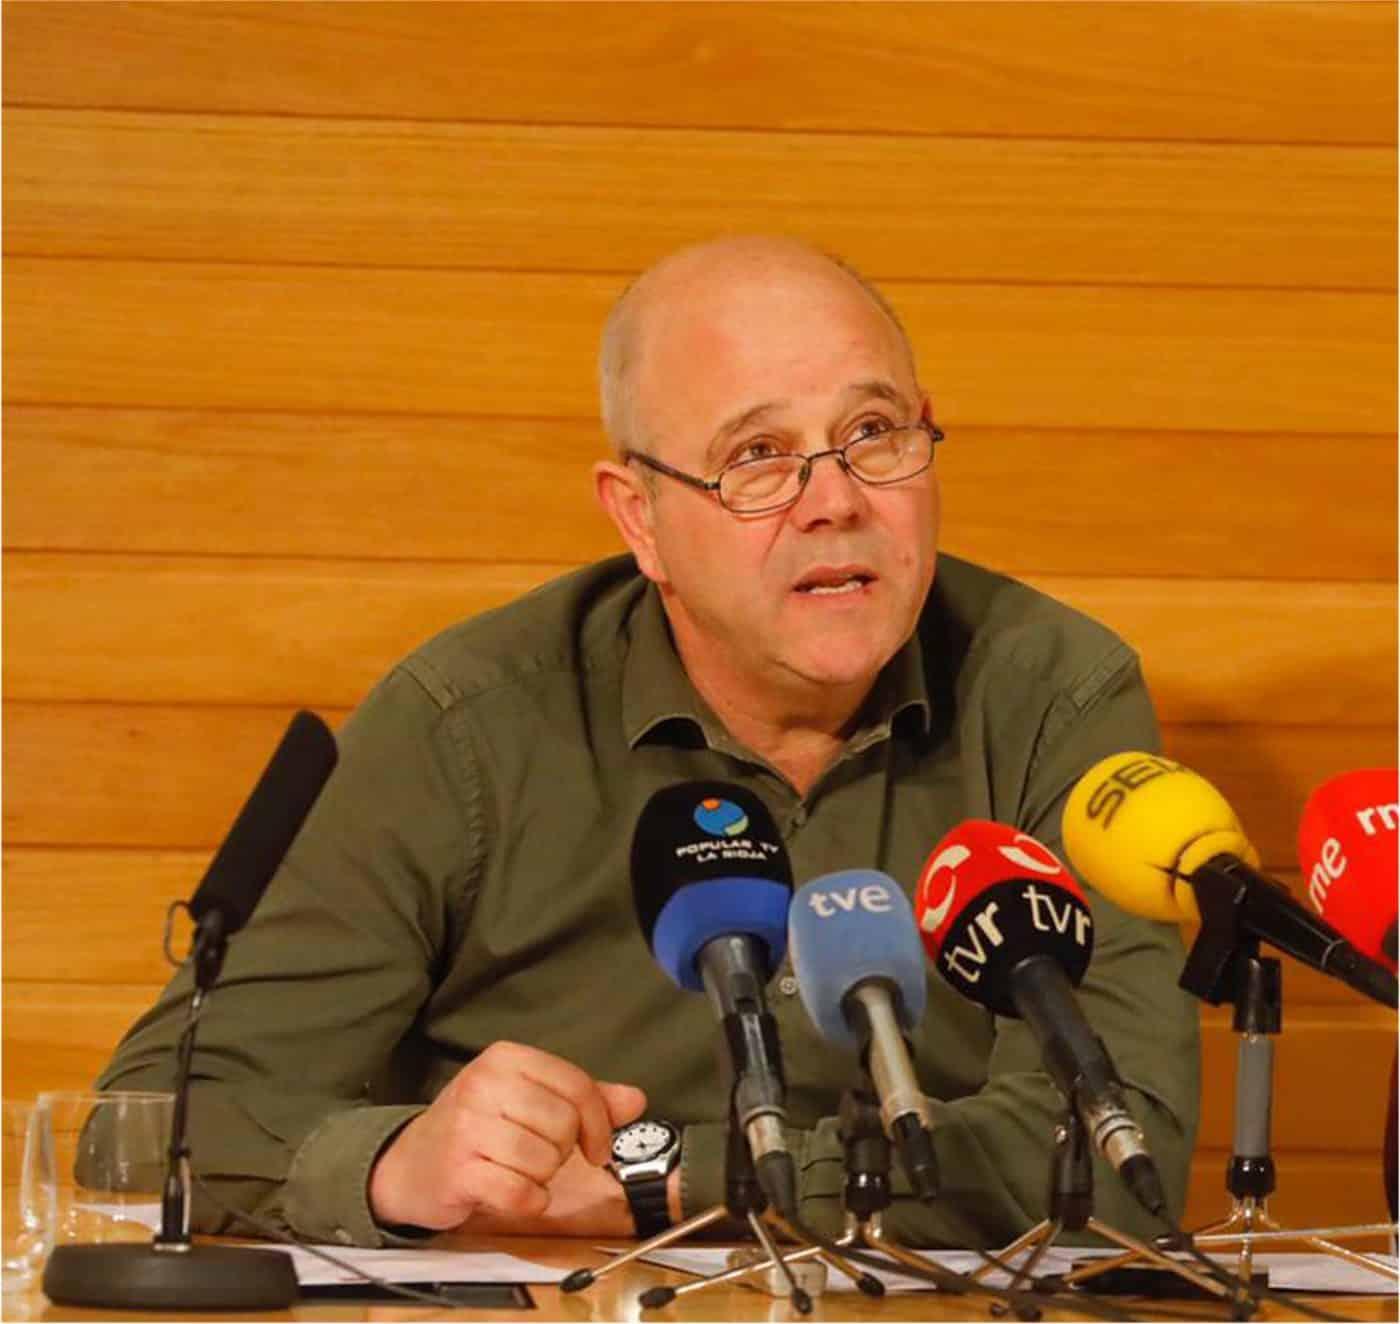 """OPINIÓN: """"El nuevo trazado ferroviario en La Rioja Alta supondrá una agresión y un destrozo grave de la riqueza de nuestra tierra"""" 1"""